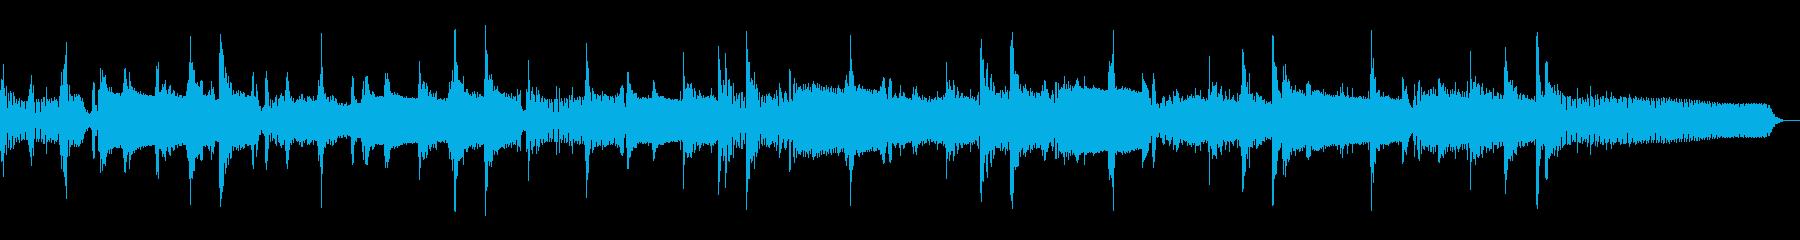 ブエノスディアス、ファーストテンポ...の再生済みの波形